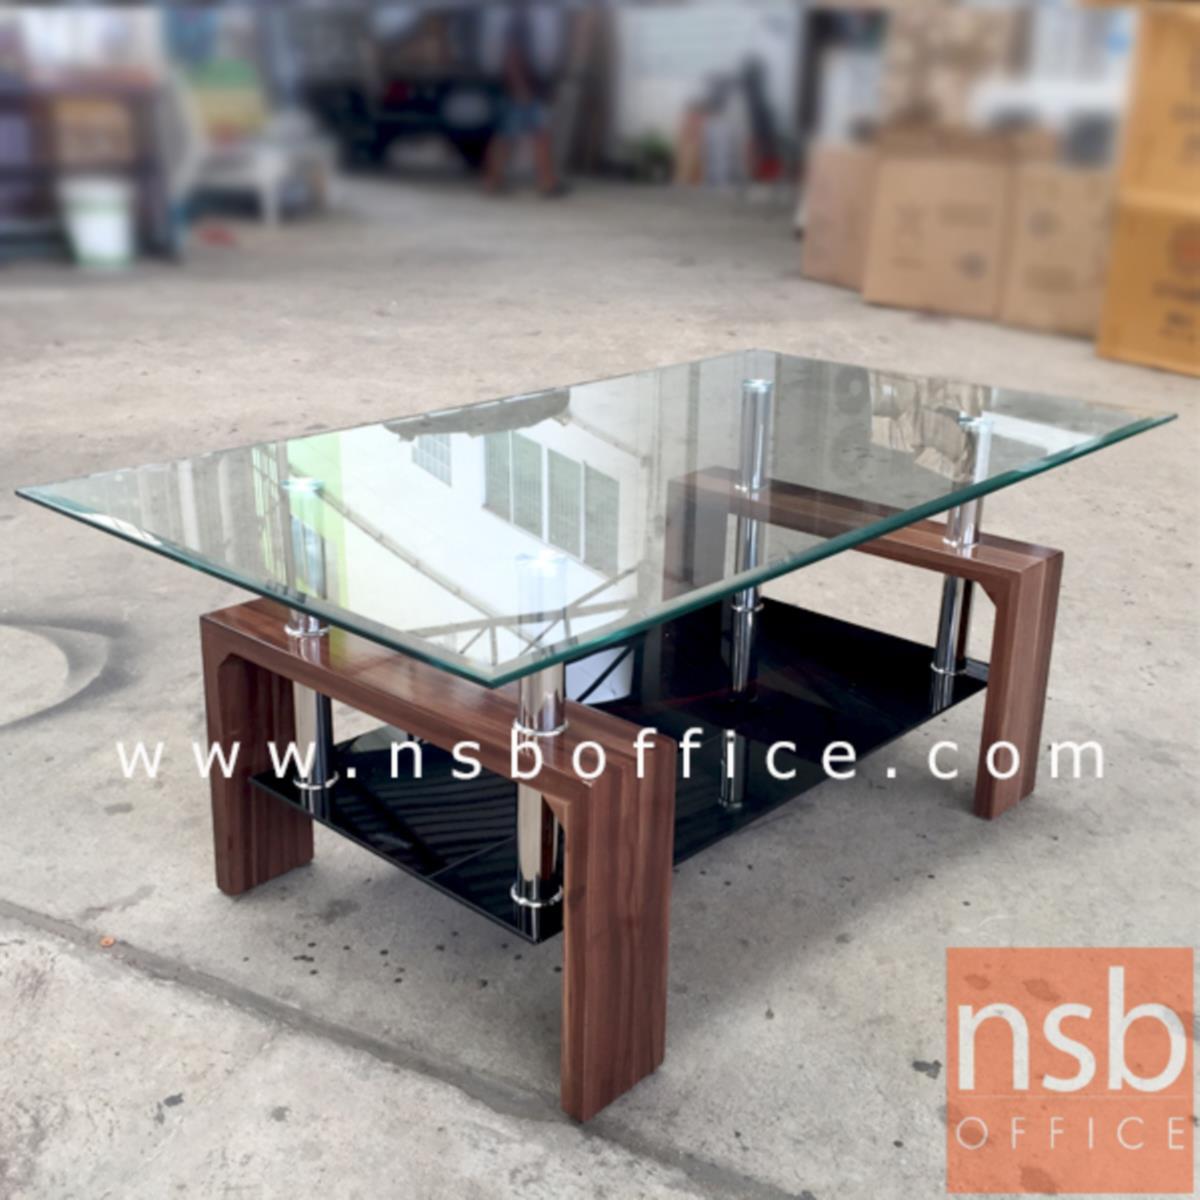 โต๊ะกลางกระจก  รุ่น Cormac (คอร์แม็ค) ขนาด 110W cm. ขาลายไม้มะฮอกกานีเงา